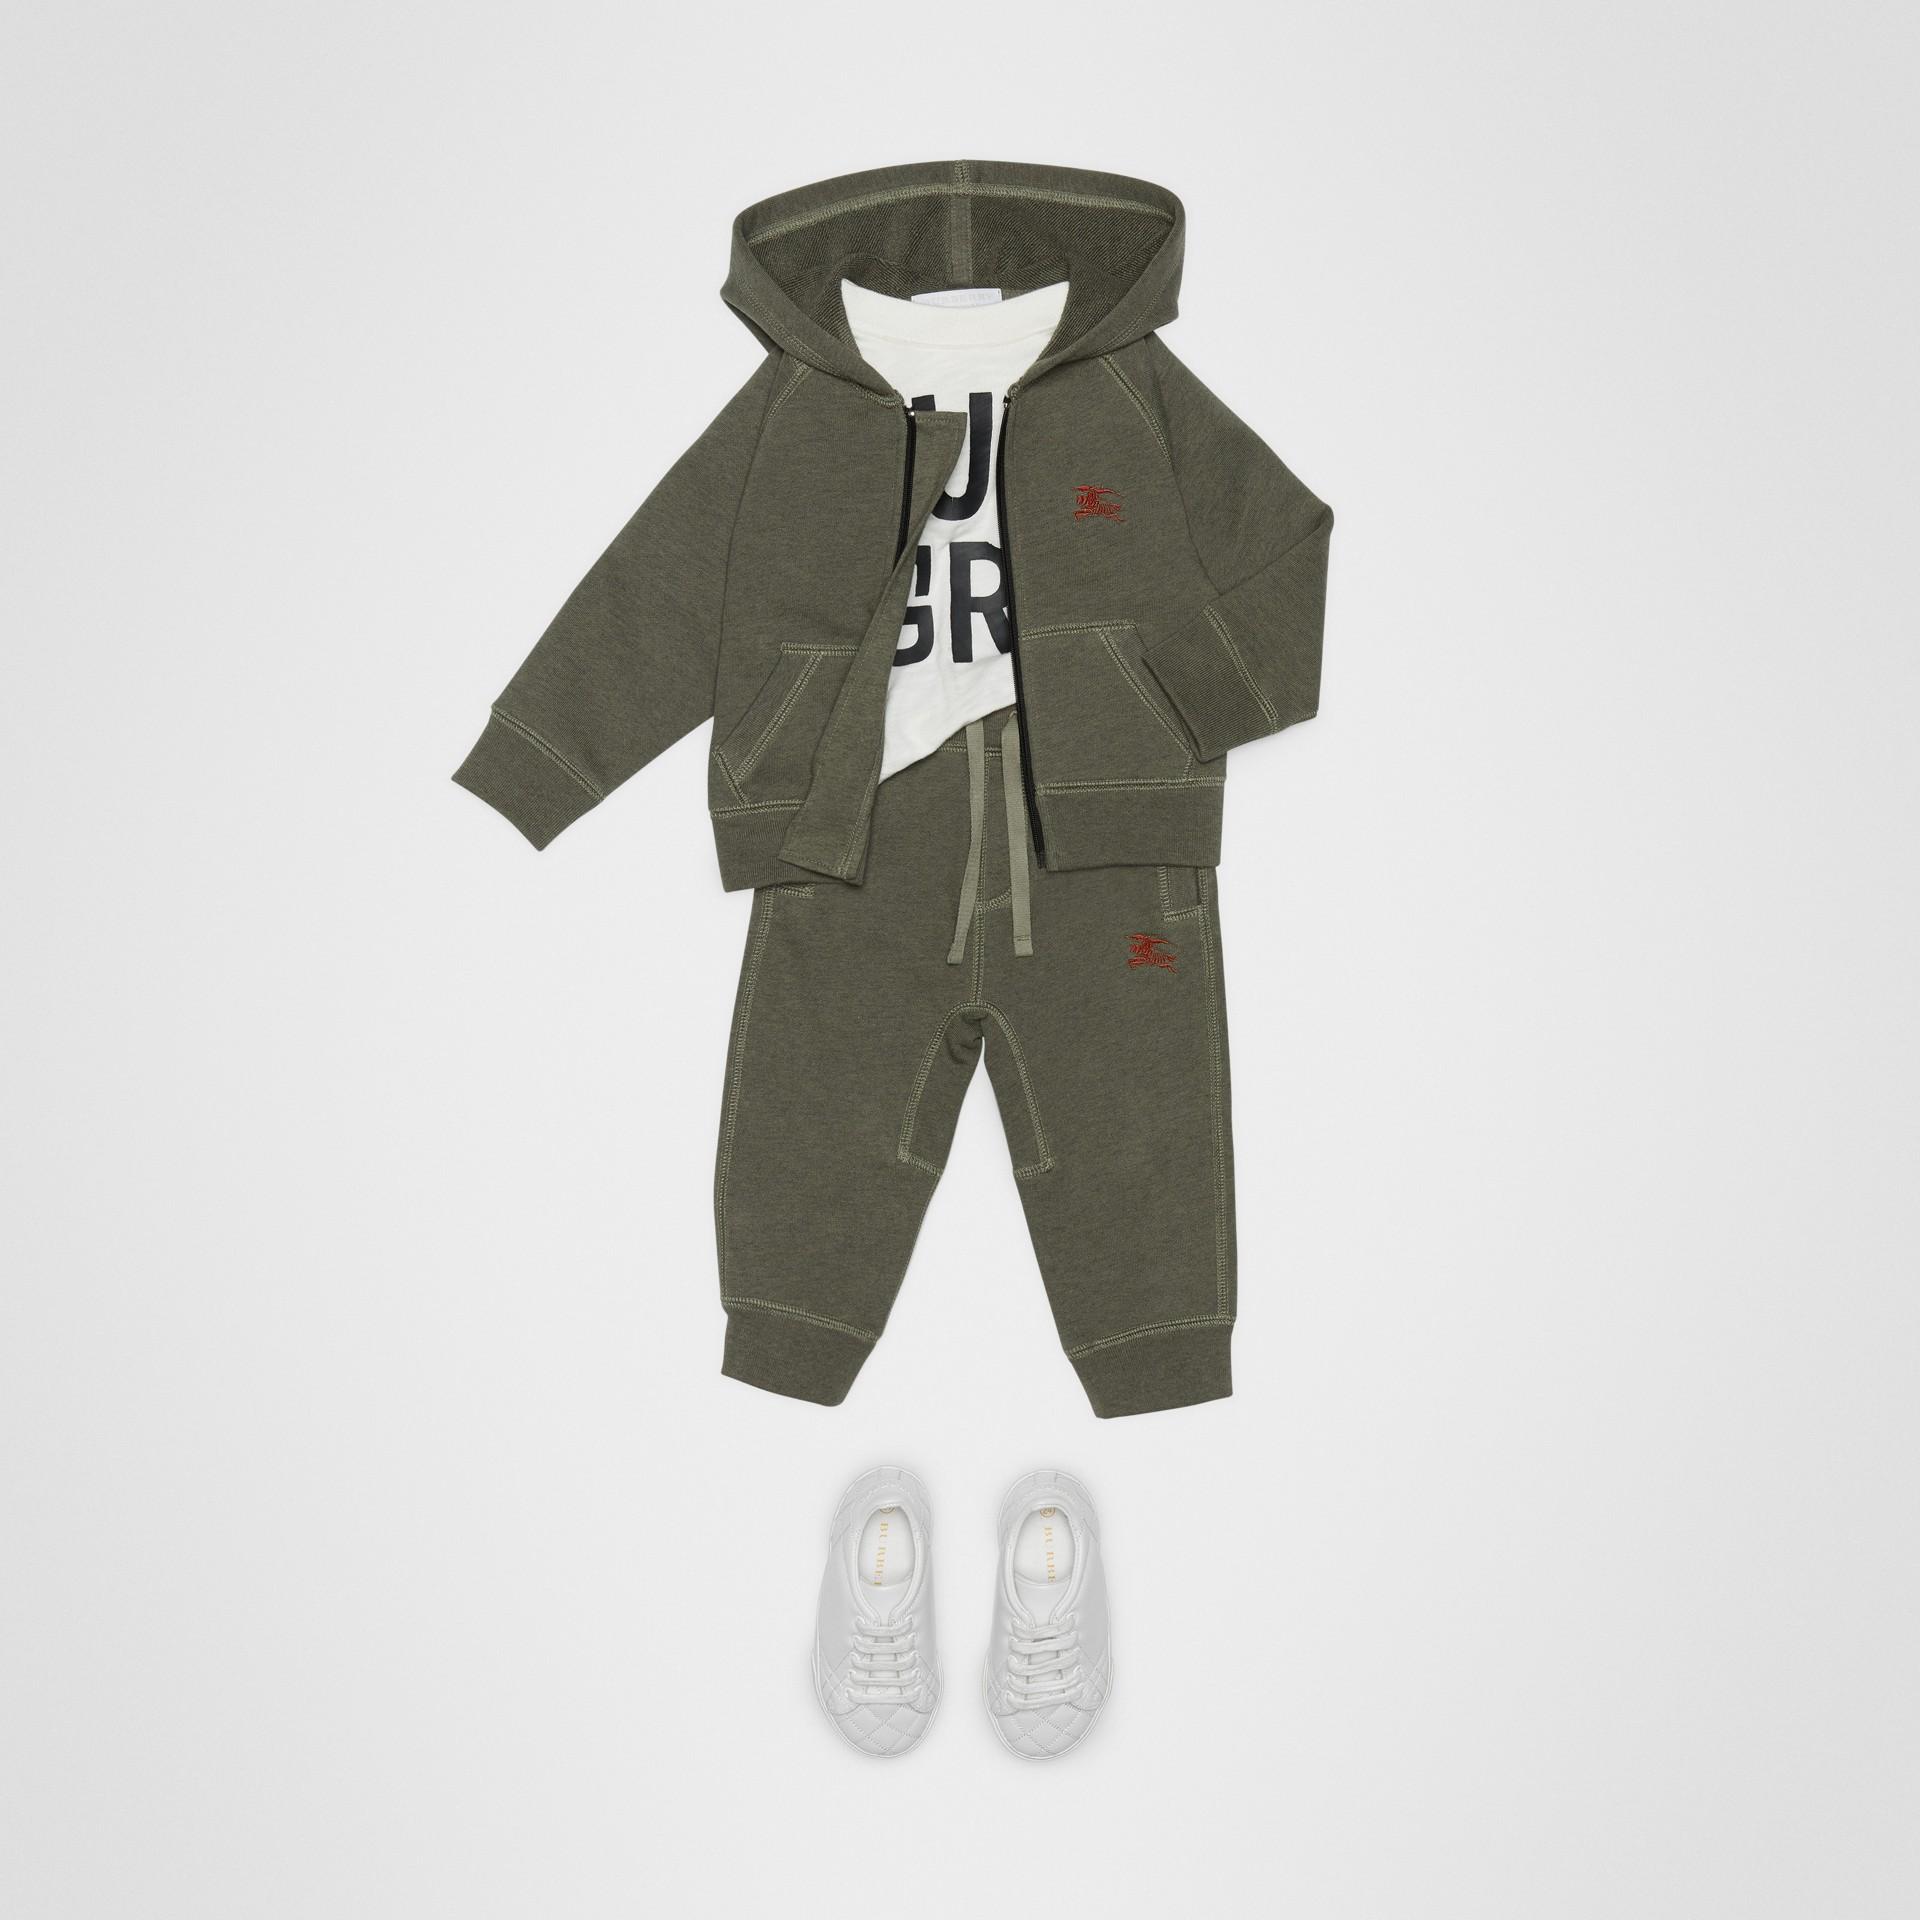 徽標繡飾棉質運動褲 (混合橄欖色) - 童款 | Burberry - 圖庫照片 2